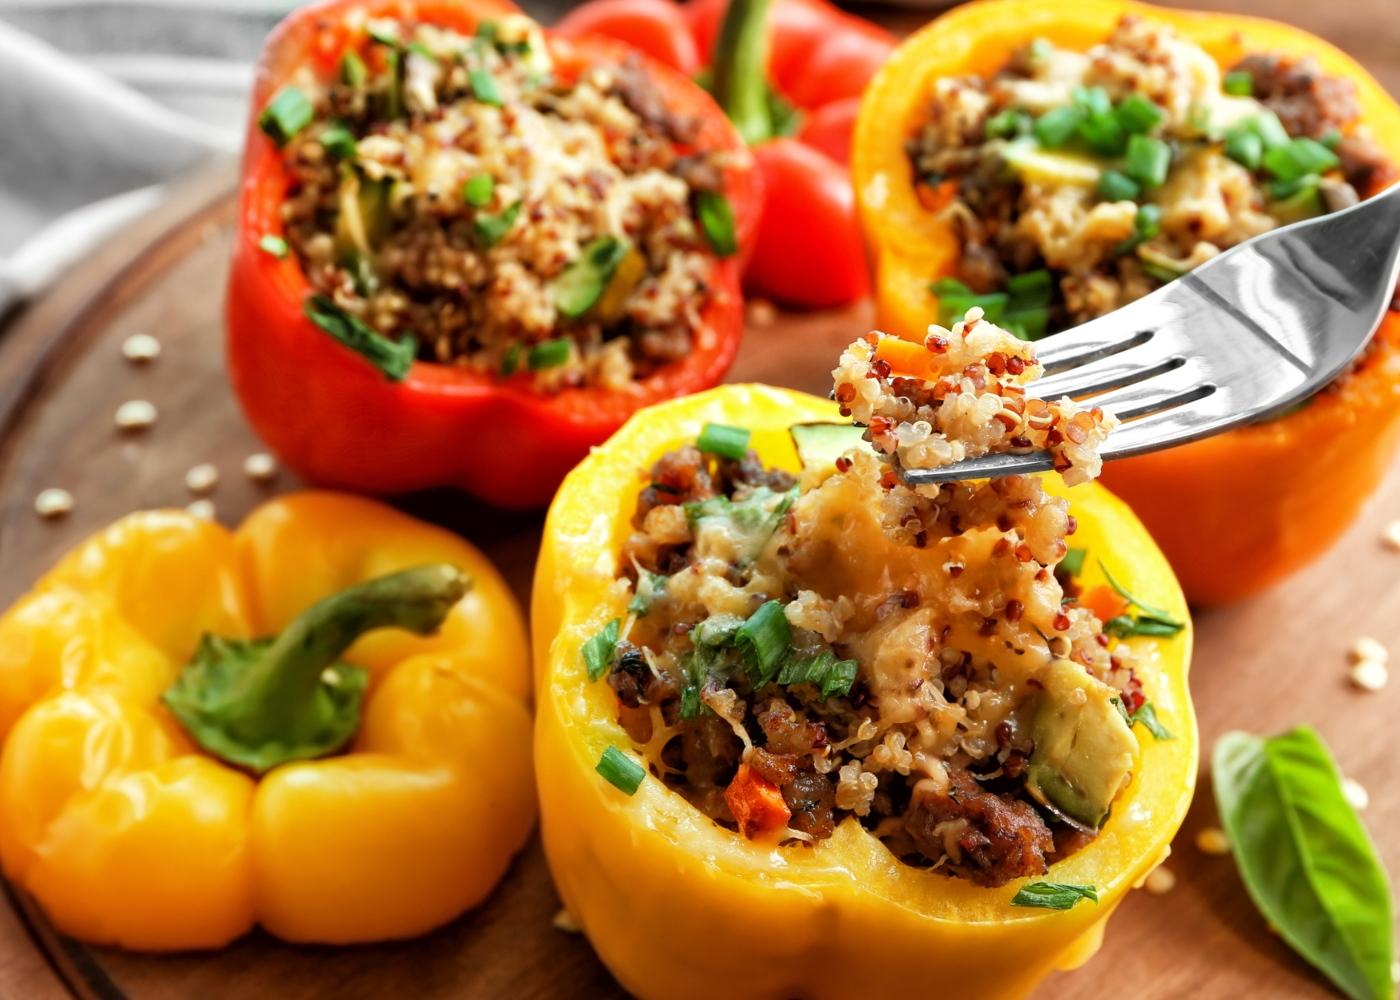 receitas saudáveis para quarentena: pimentos recheados com quinoa